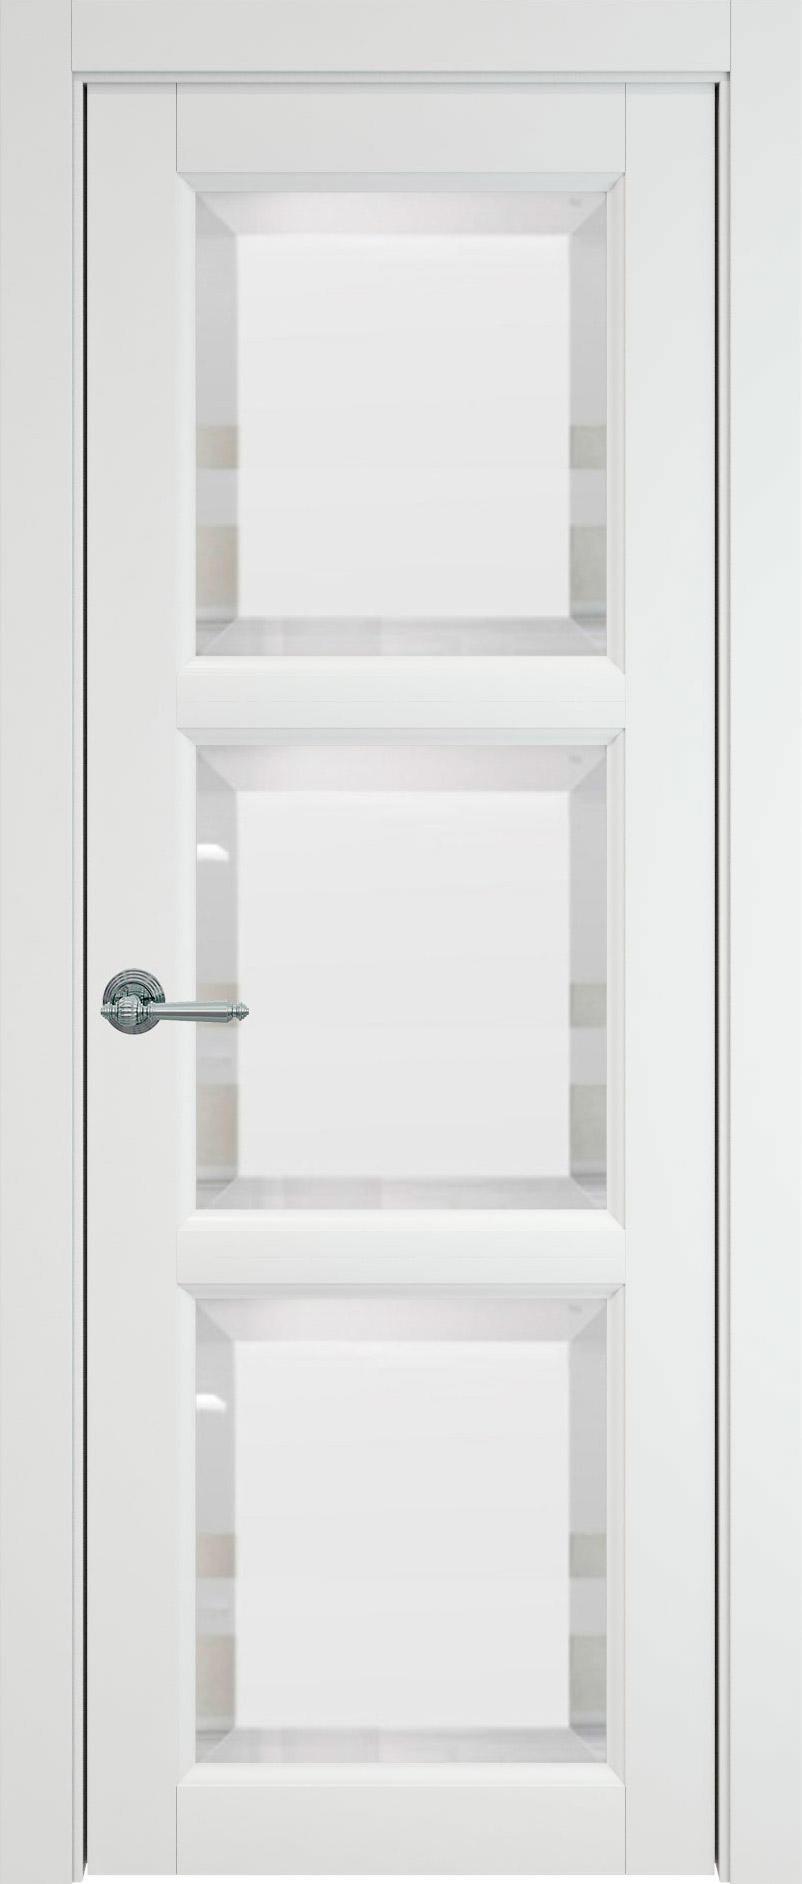 Milano цвет - Белая эмаль (RAL 9003) Со стеклом (ДО)